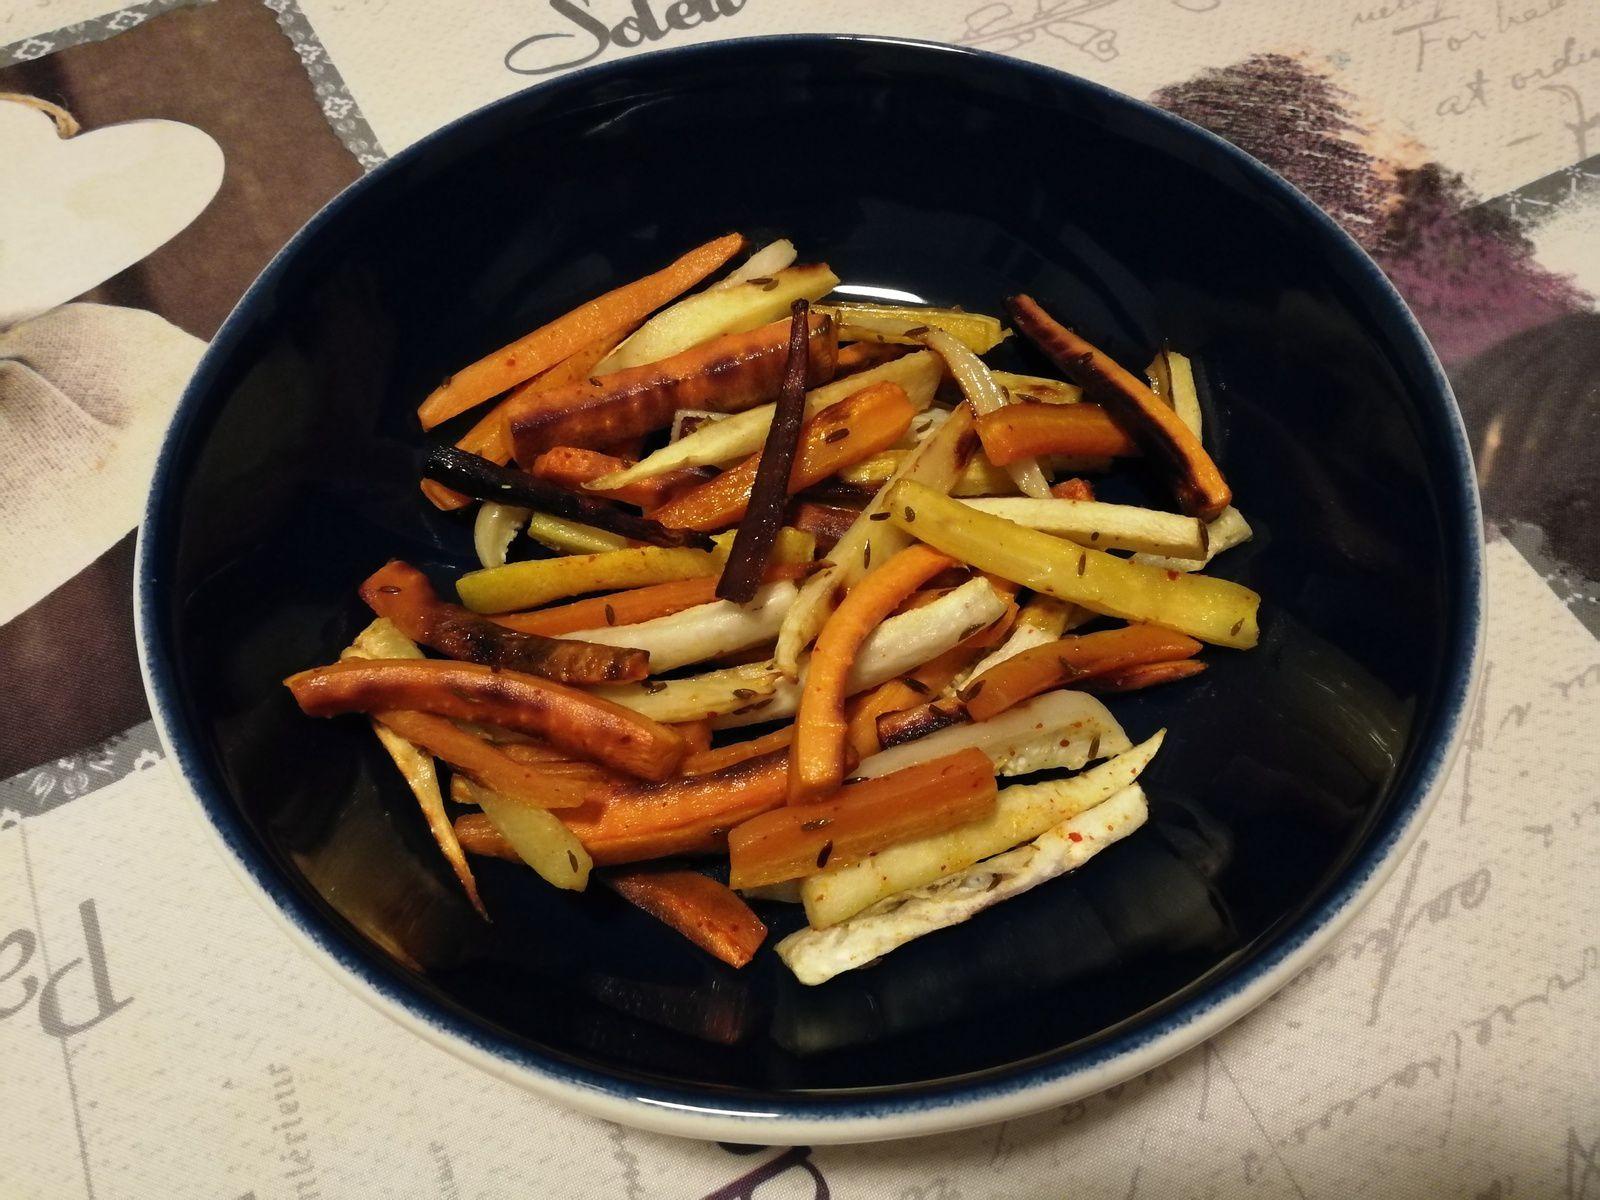 Frites de carottes, panais & radis noir assaisonnées avec huile d'olive, sel, miel, cumin & piment d'Espelette